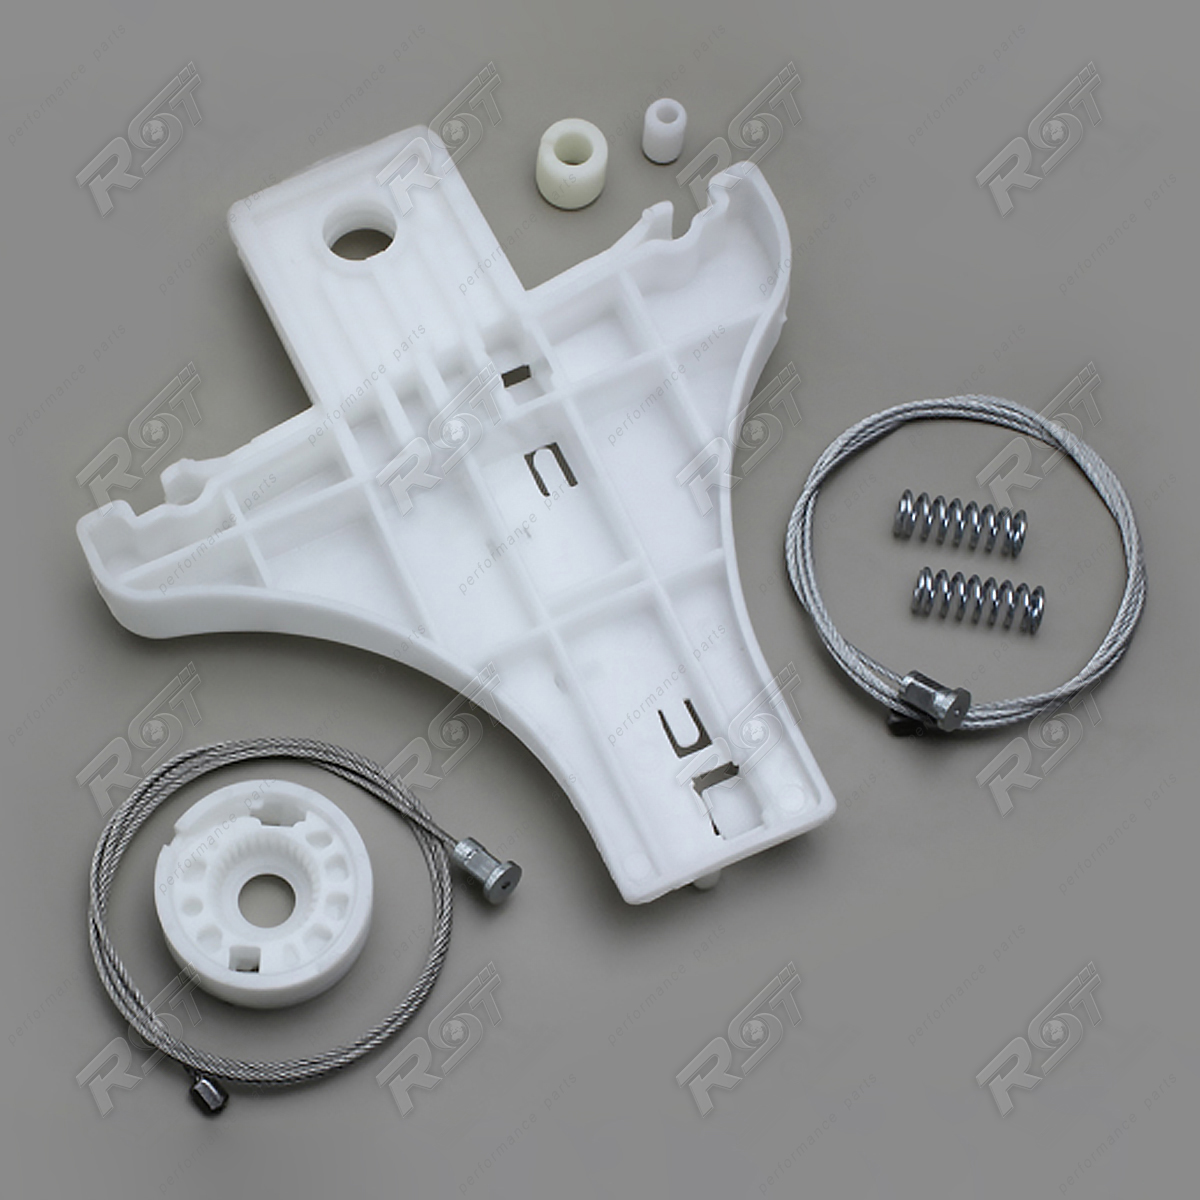 Window regulator reparatur clip left rear for vw passat ebay for 2000 vw passat window regulator